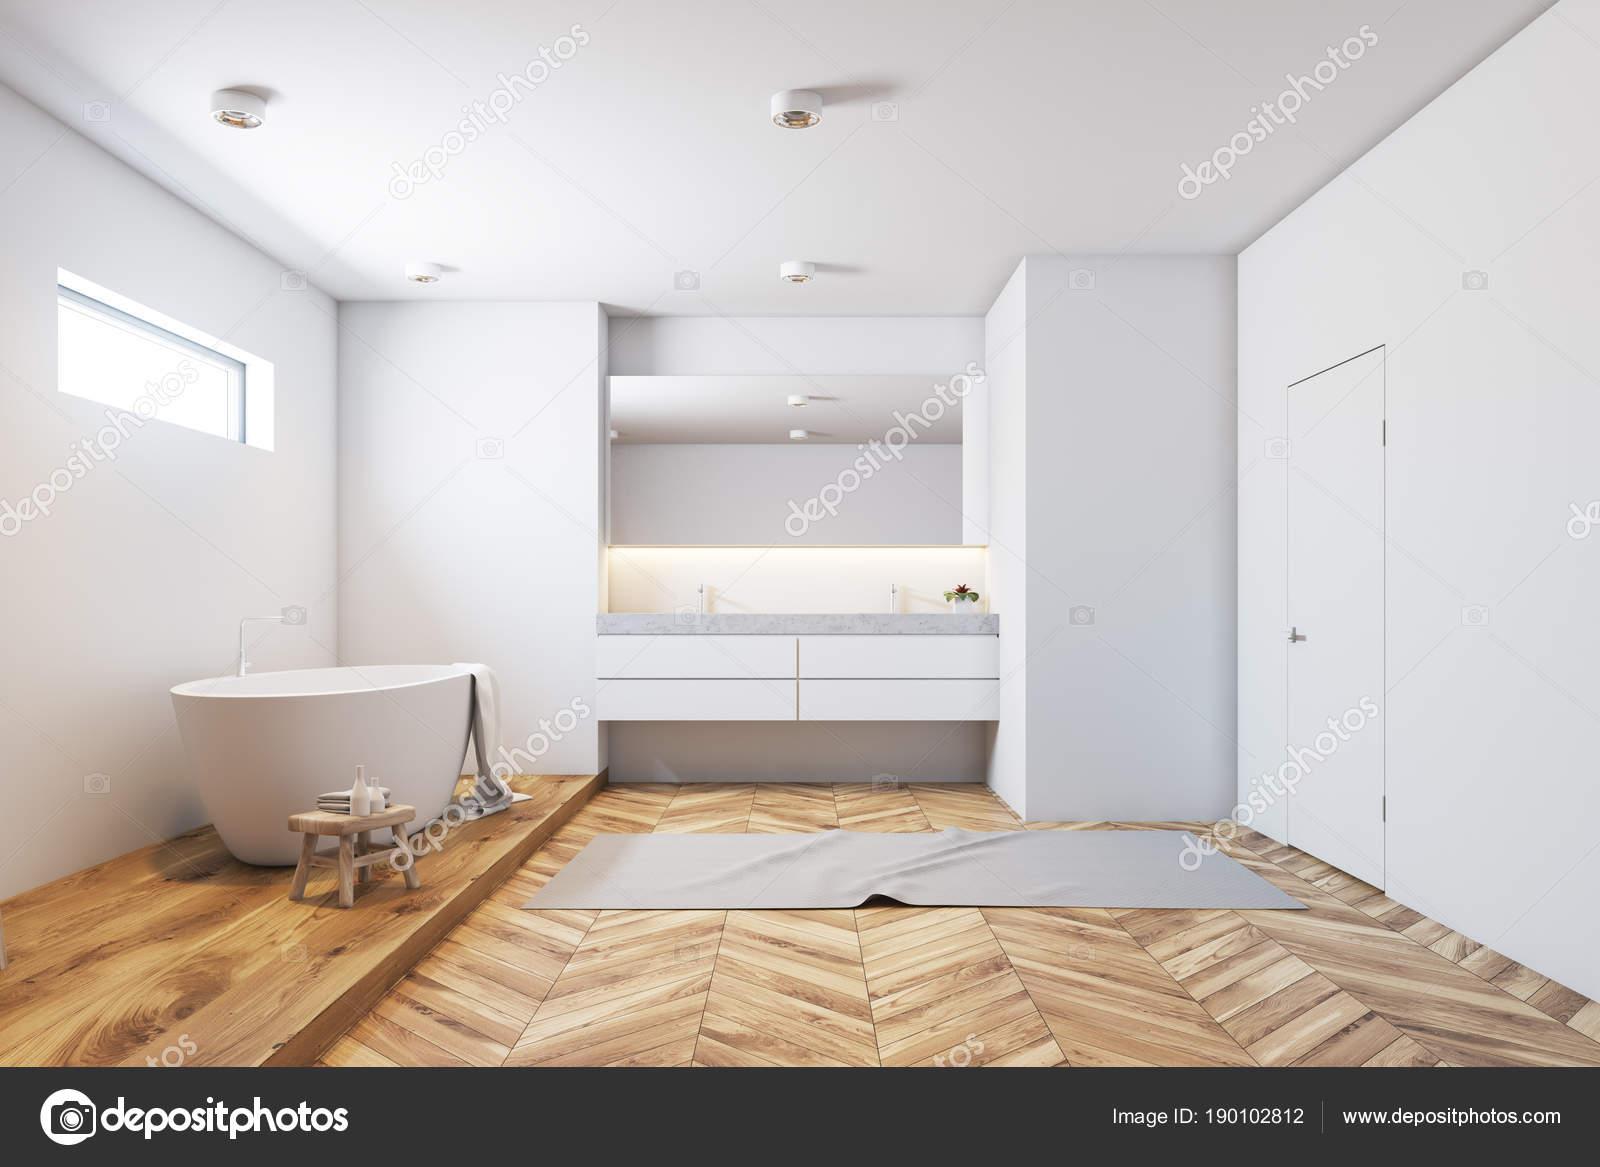 Weiße Fliesen Badezimmer Interieur, weiße Wanne, Holz ...